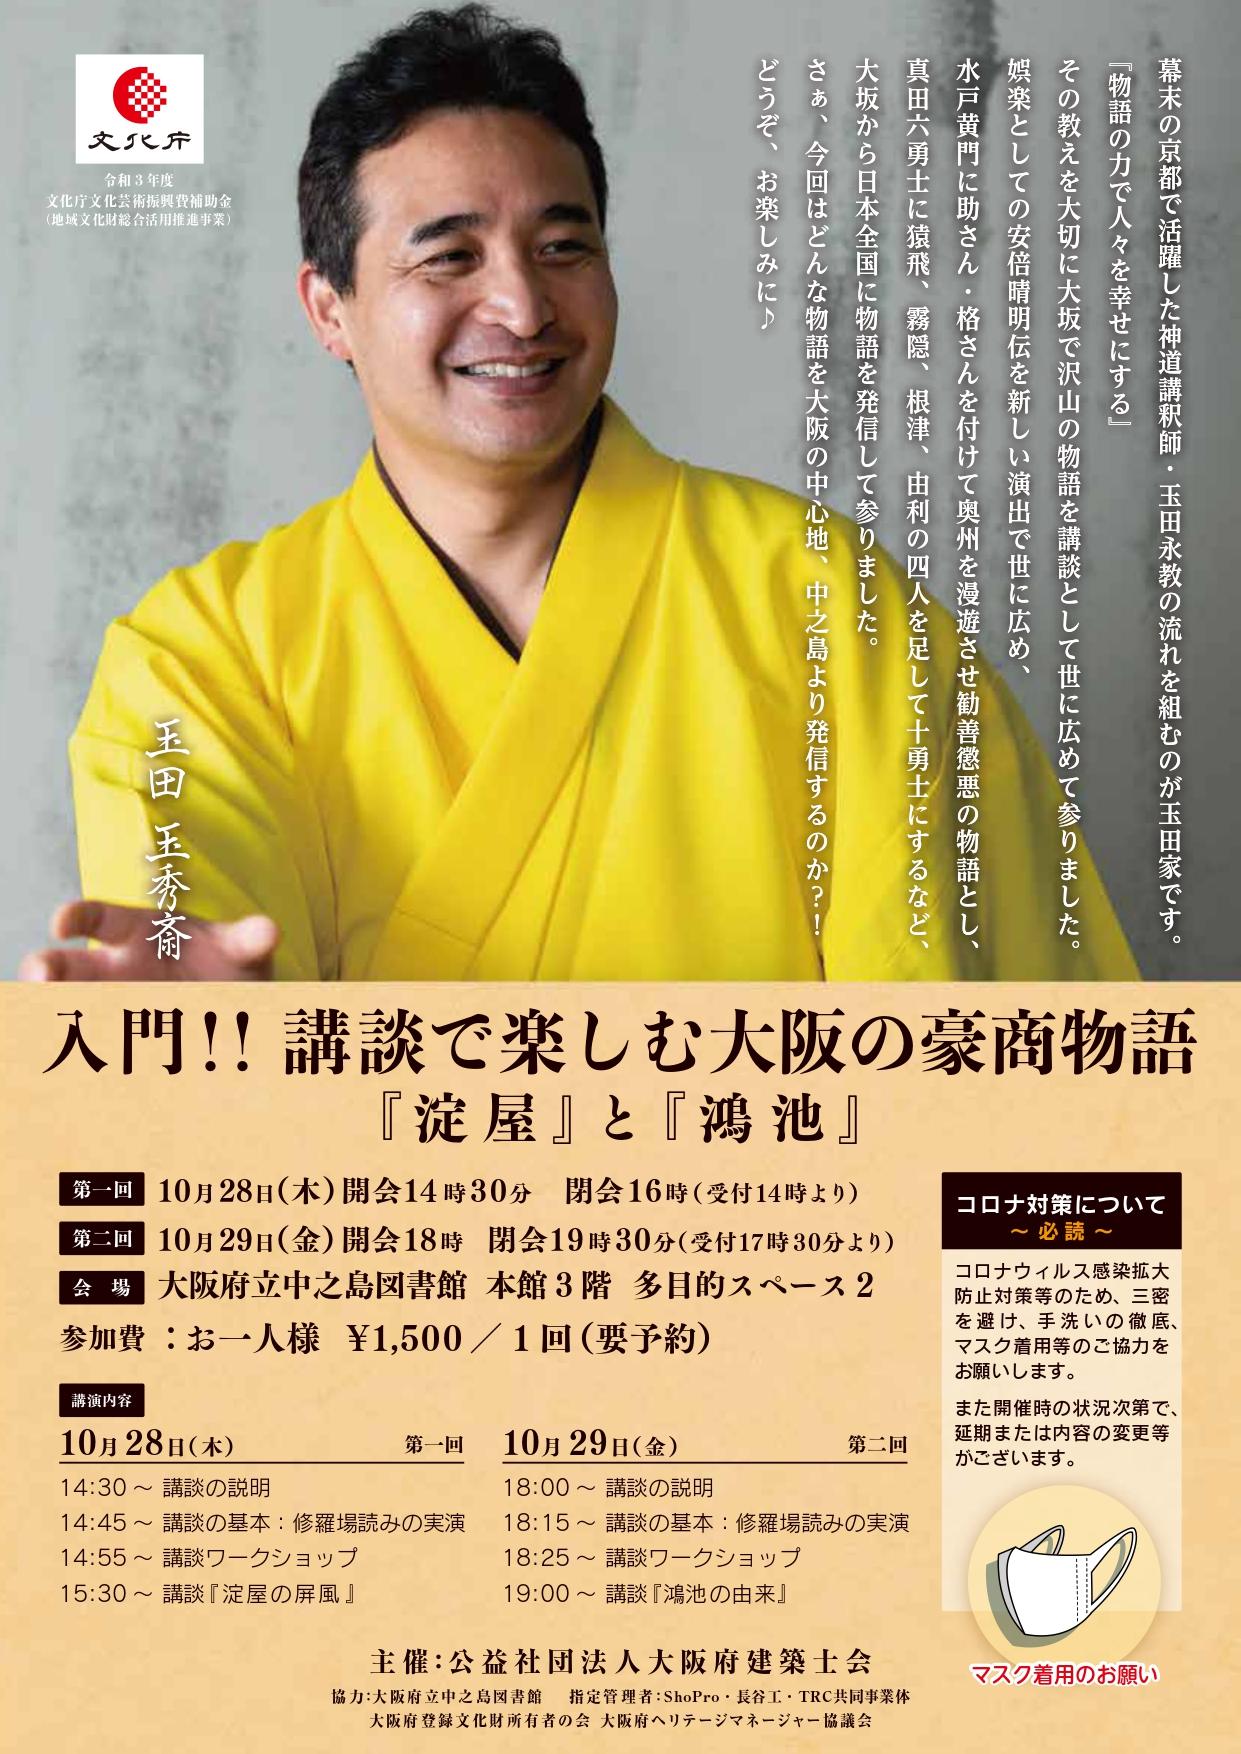 中之島図書館「入門!!講談で楽しむ大阪の豪商物語」10月29日(金)